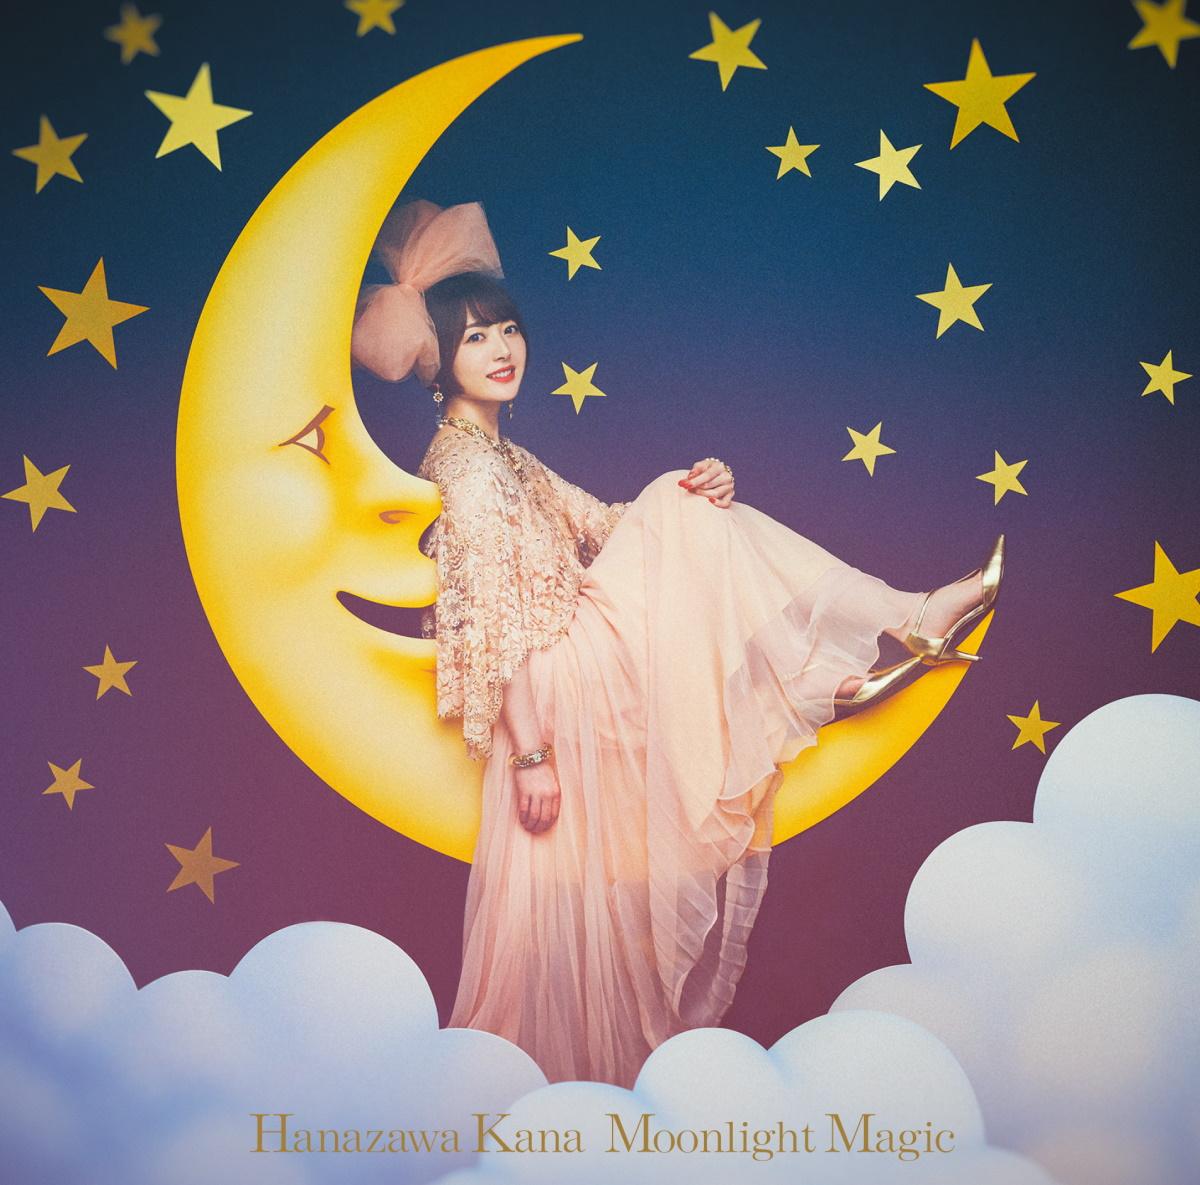 『花澤香菜 - 港の見える丘』収録の『Moonlight Magic』ジャケット